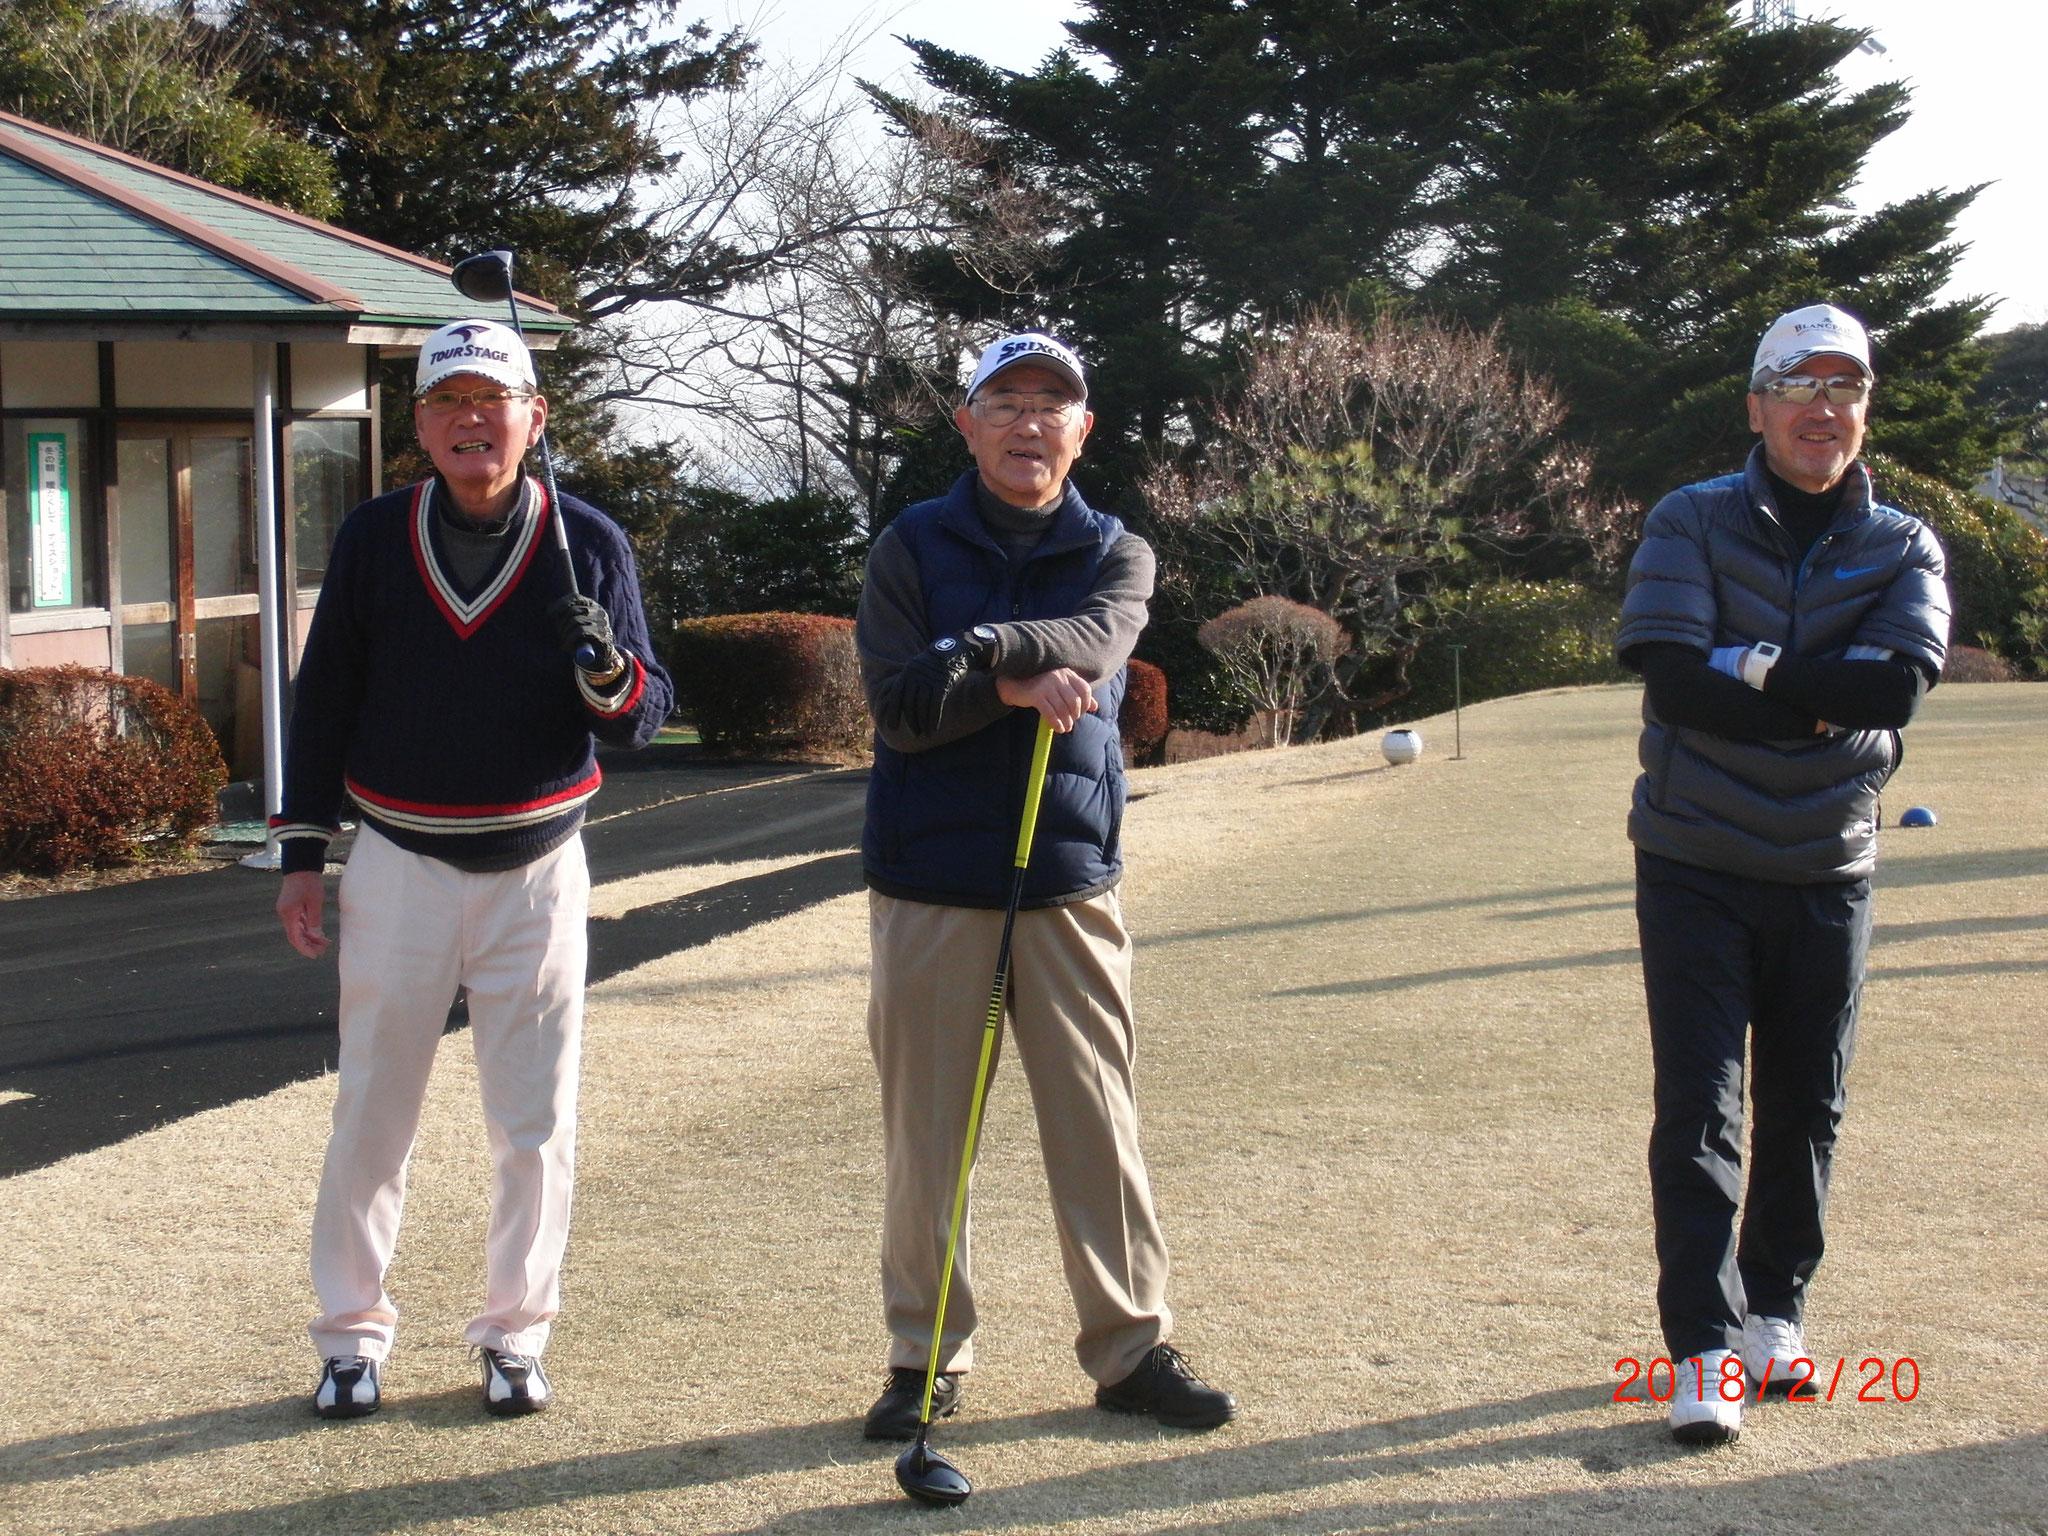 スタートを見学する 大島さん、3位の則田さん、 ベスグロの小林さん